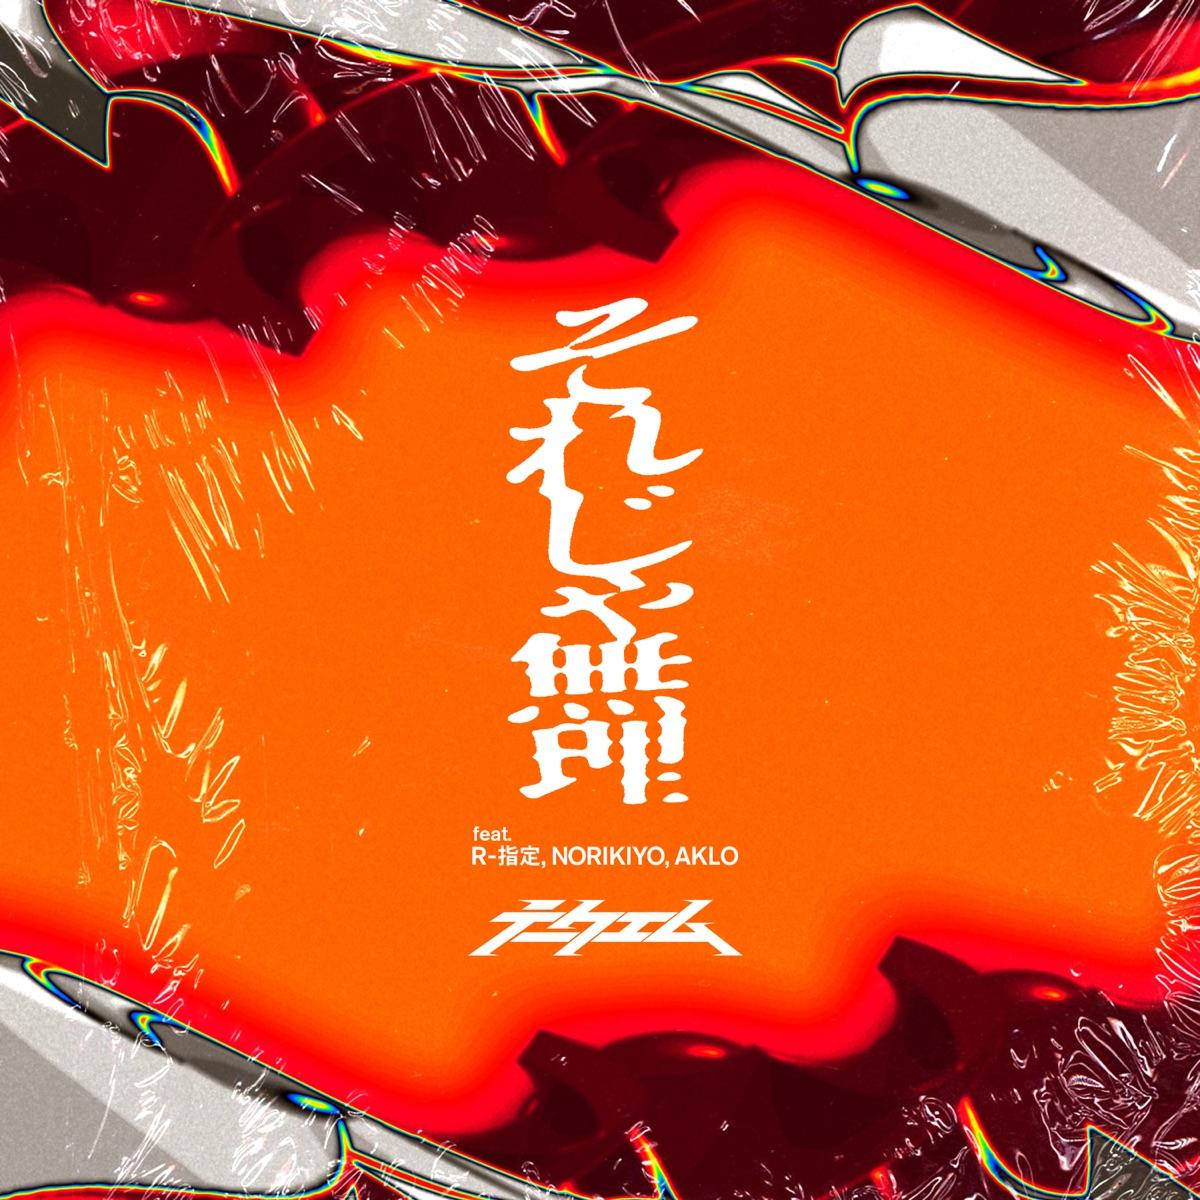 『テークエム それじゃ無理 feat. R-指定, NORIKIYO & AKLO 歌詞』収録の『それじゃ無理 feat. R-指定, NORIKIYO & AKLO』ジャケット